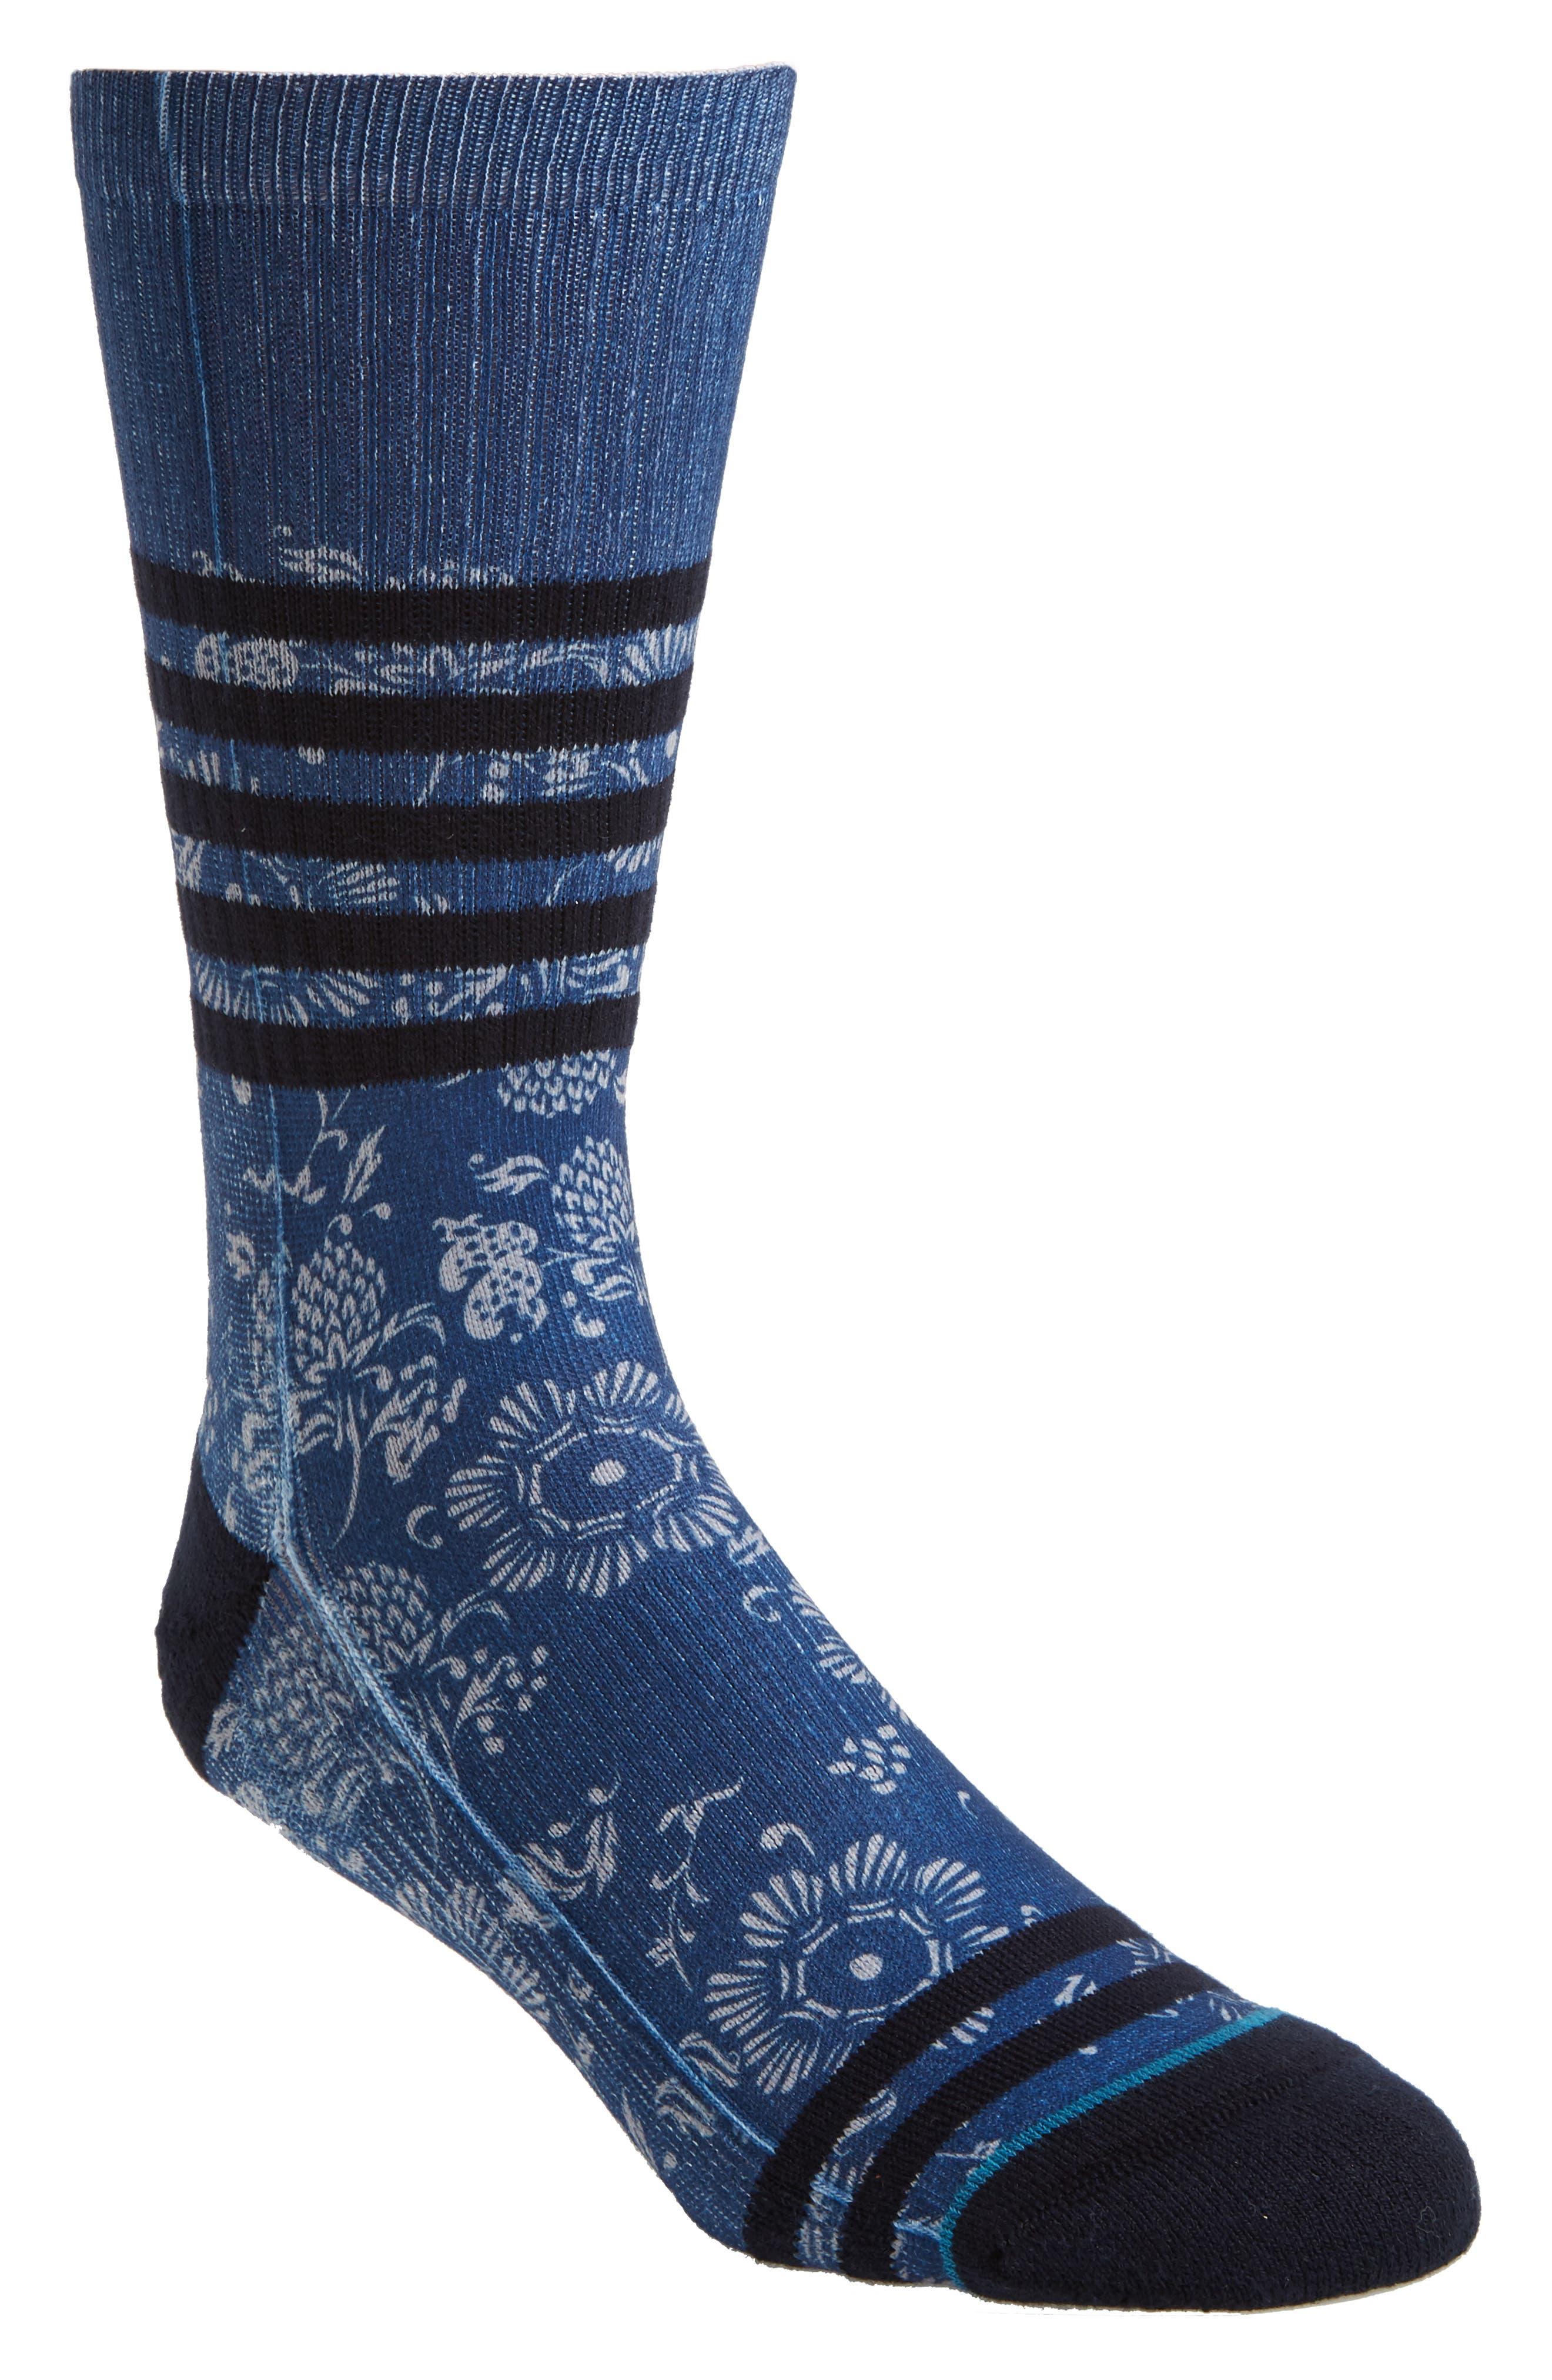 Briar Socks,                         Main,                         color, Periwinkle